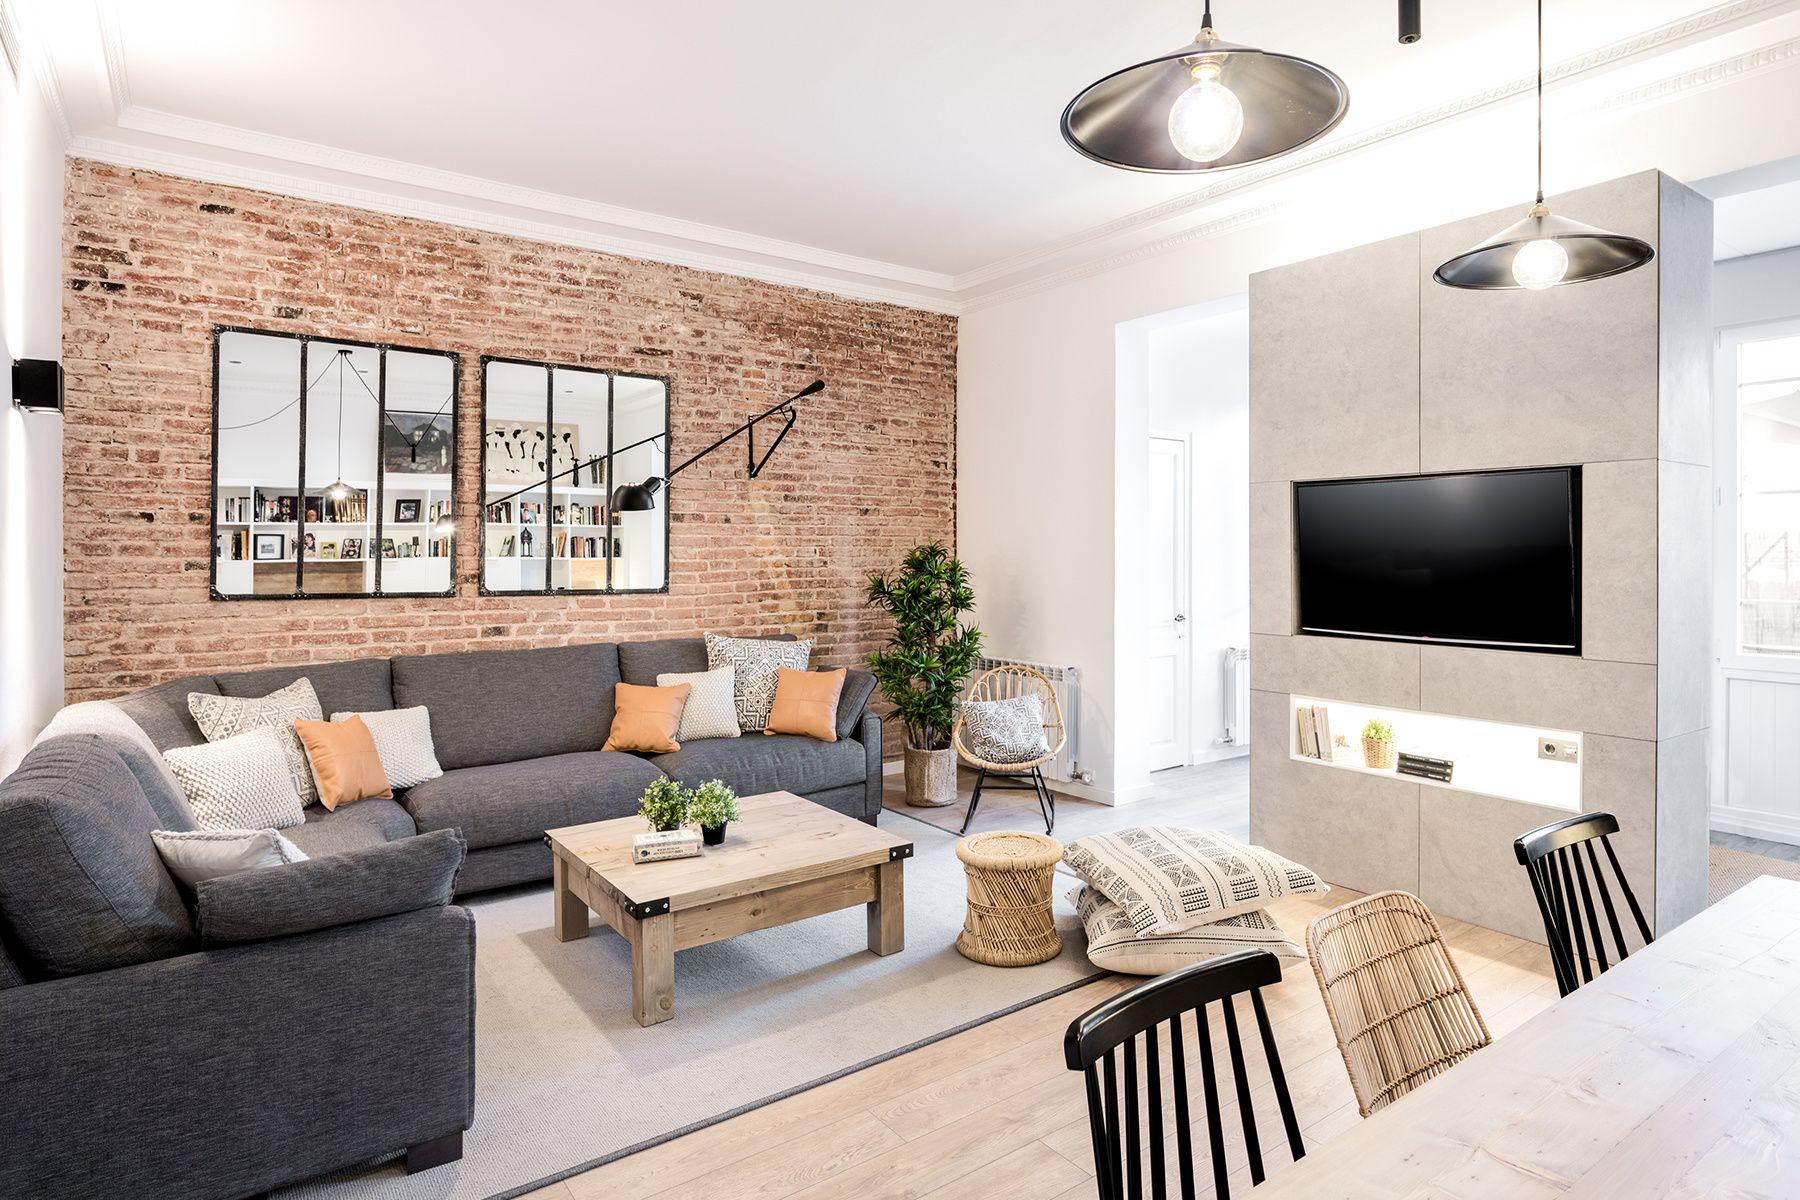 Murs de briques dans un appartement espagnol  Idée déco